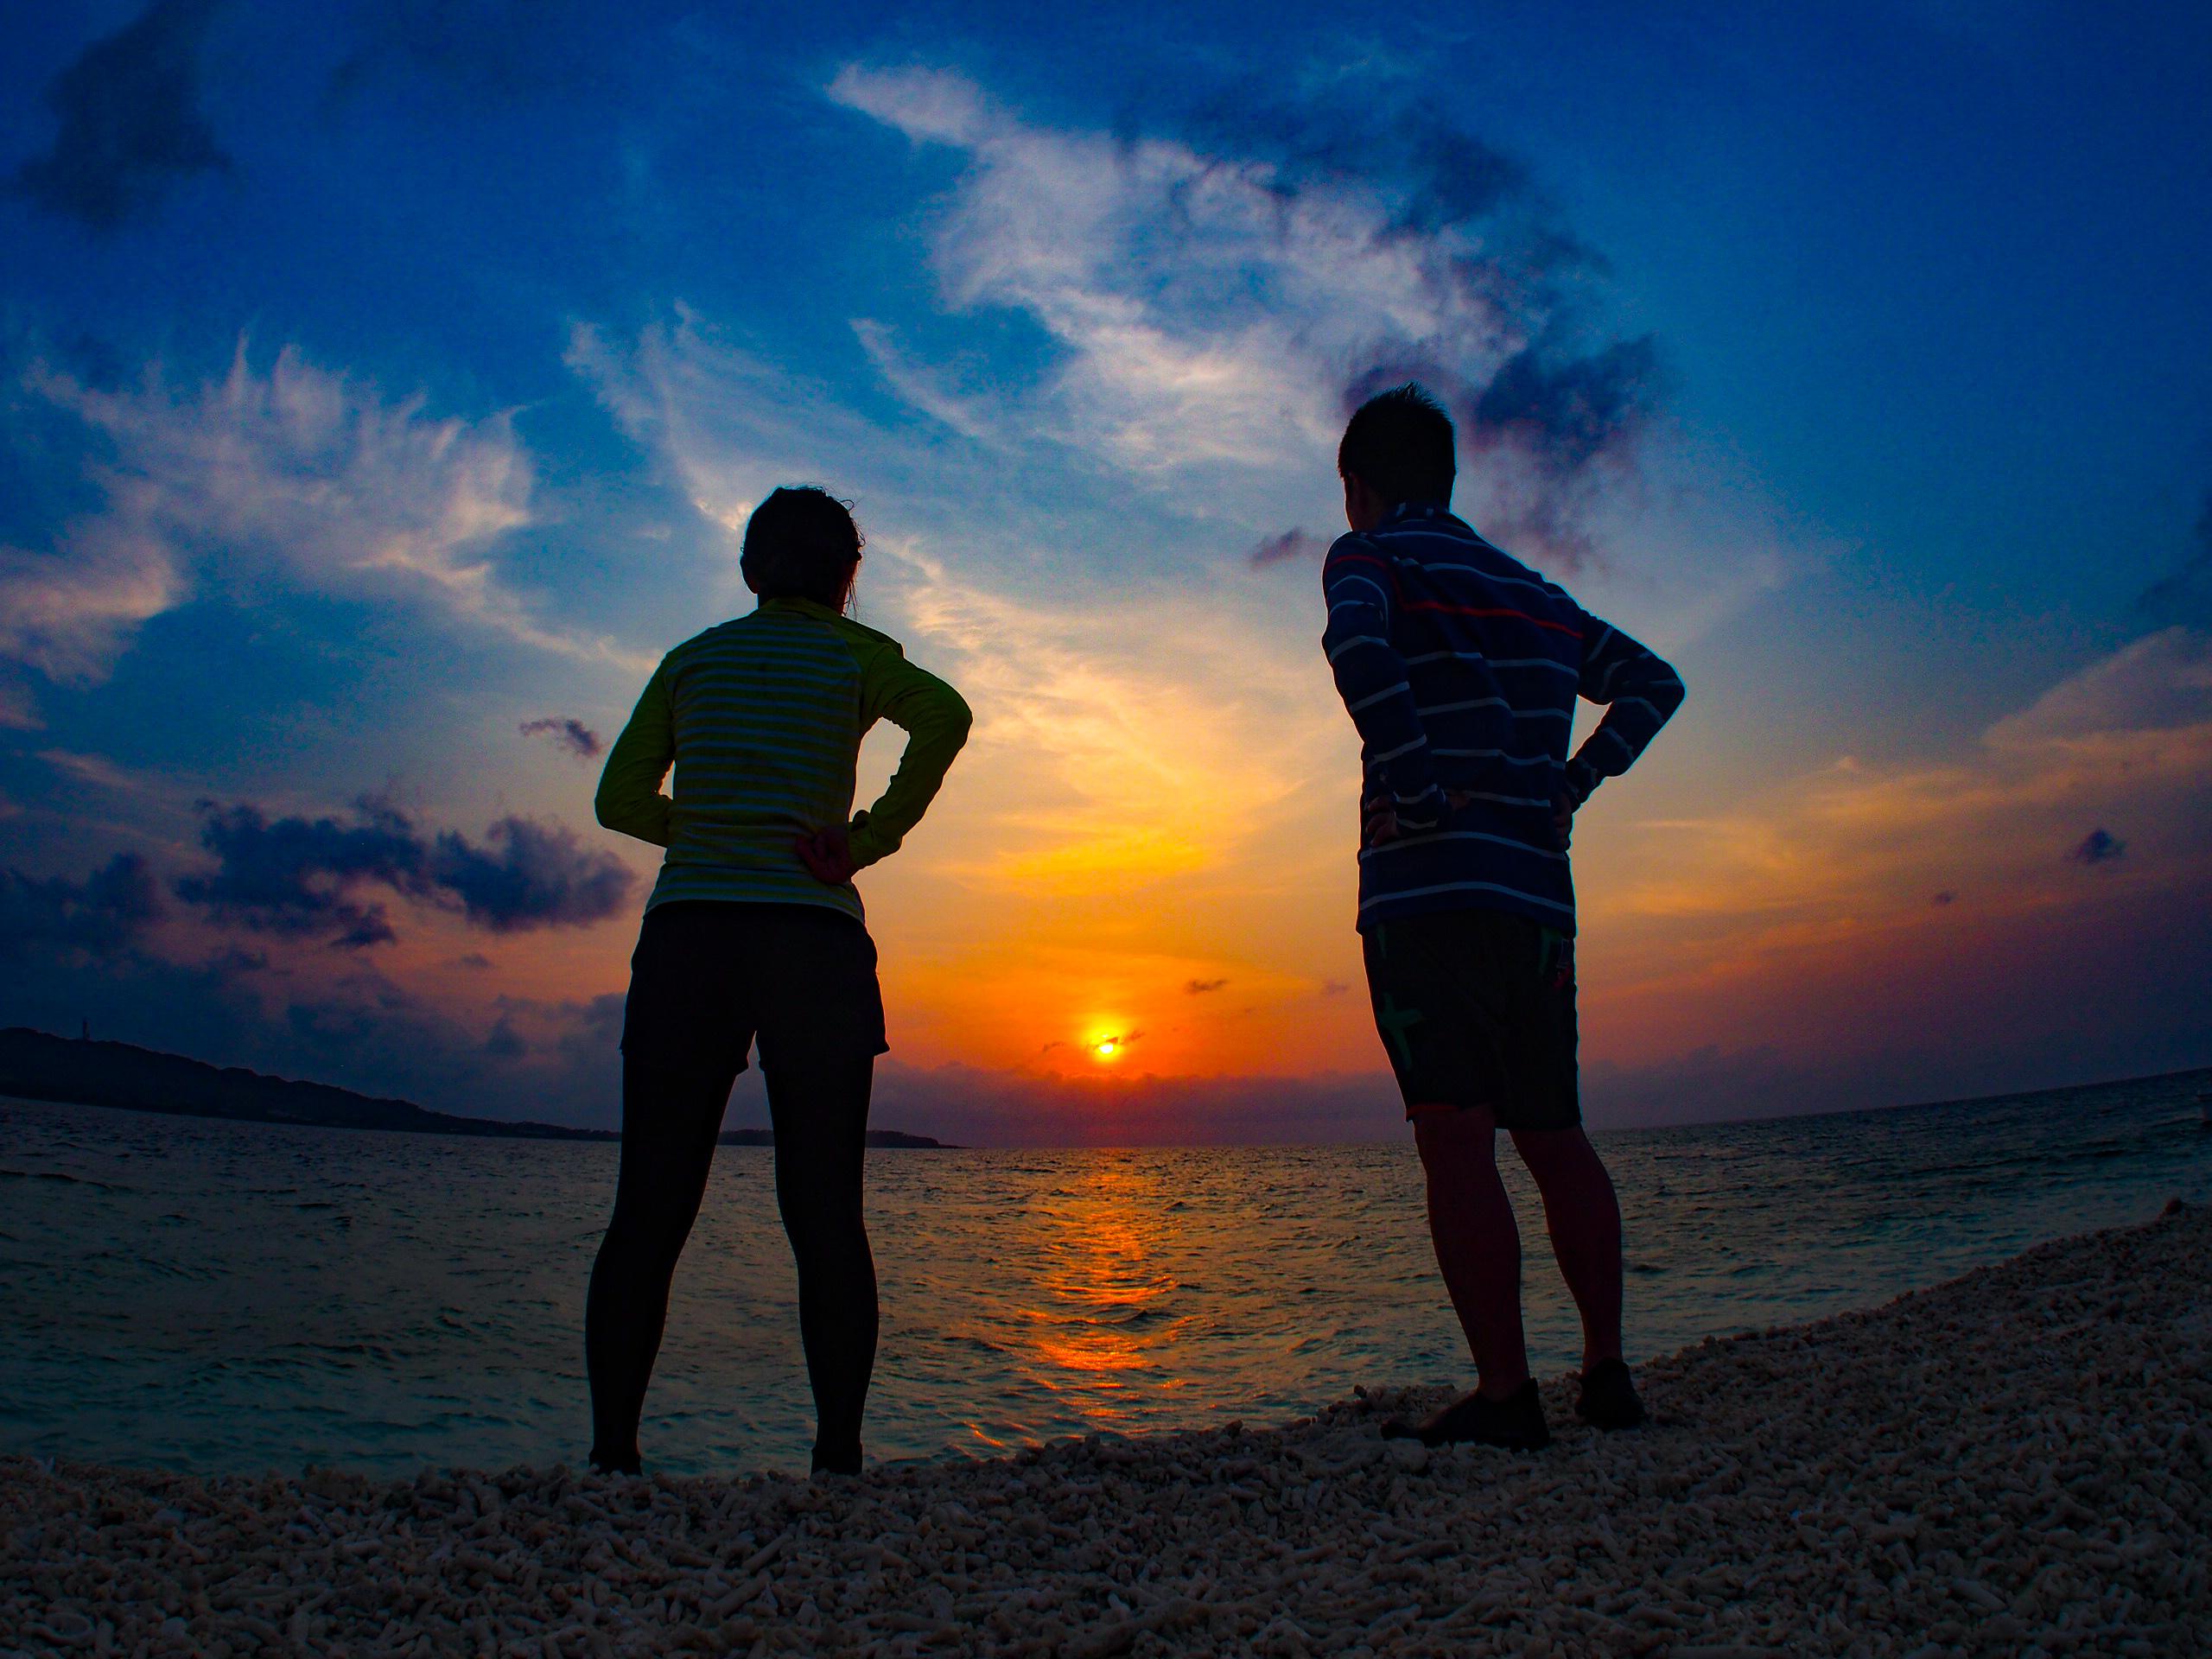 西表島のバラス島で日没を観察